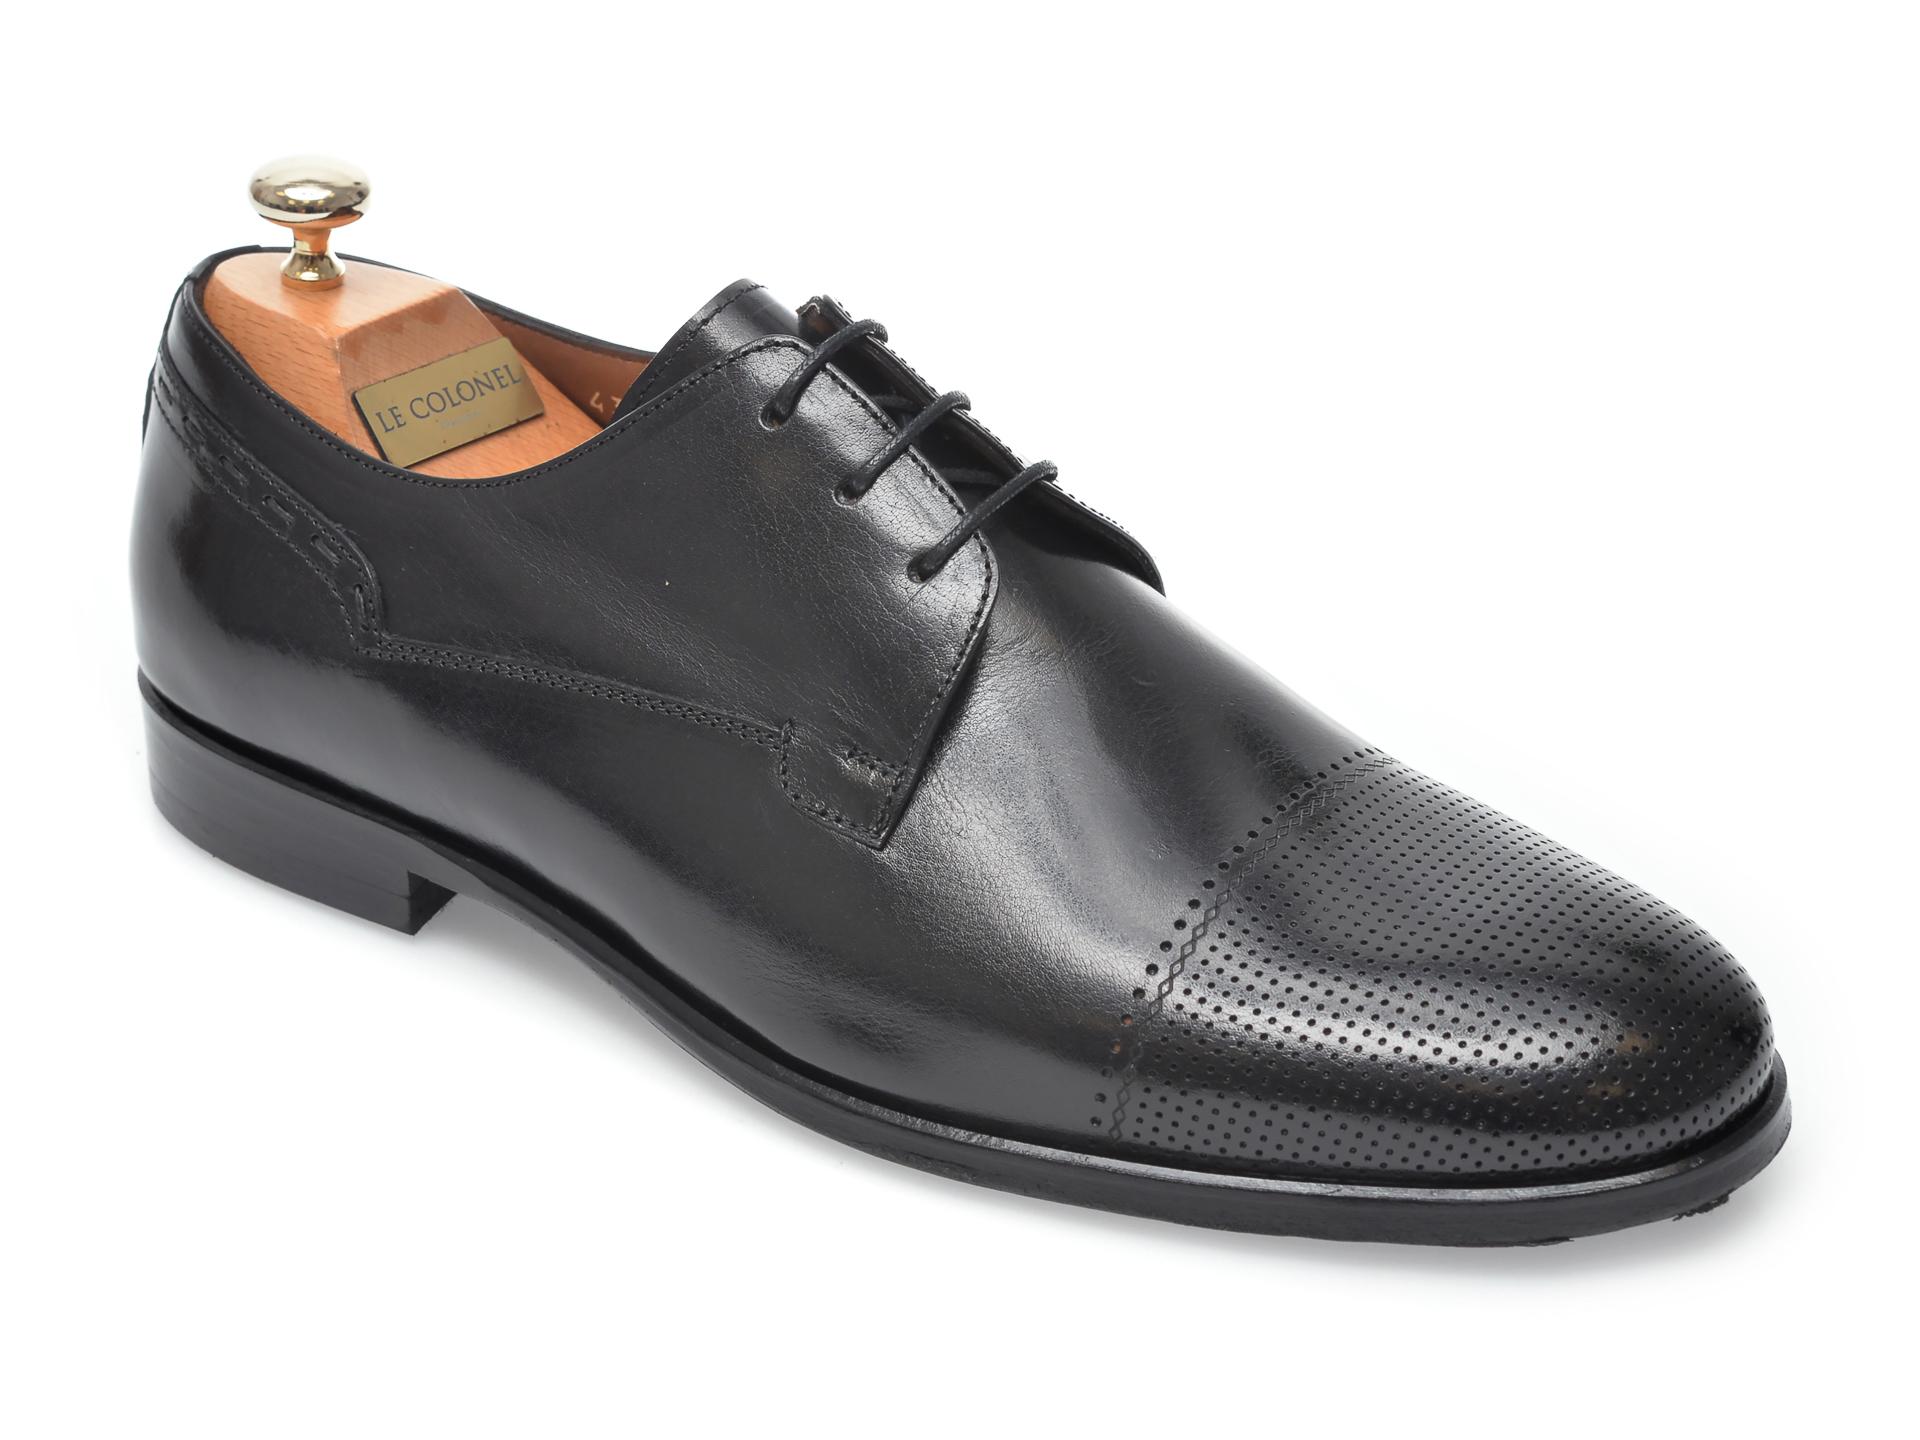 Pantofi LE COLONEL negri, 60517, din piele naturala imagine otter.ro 2021